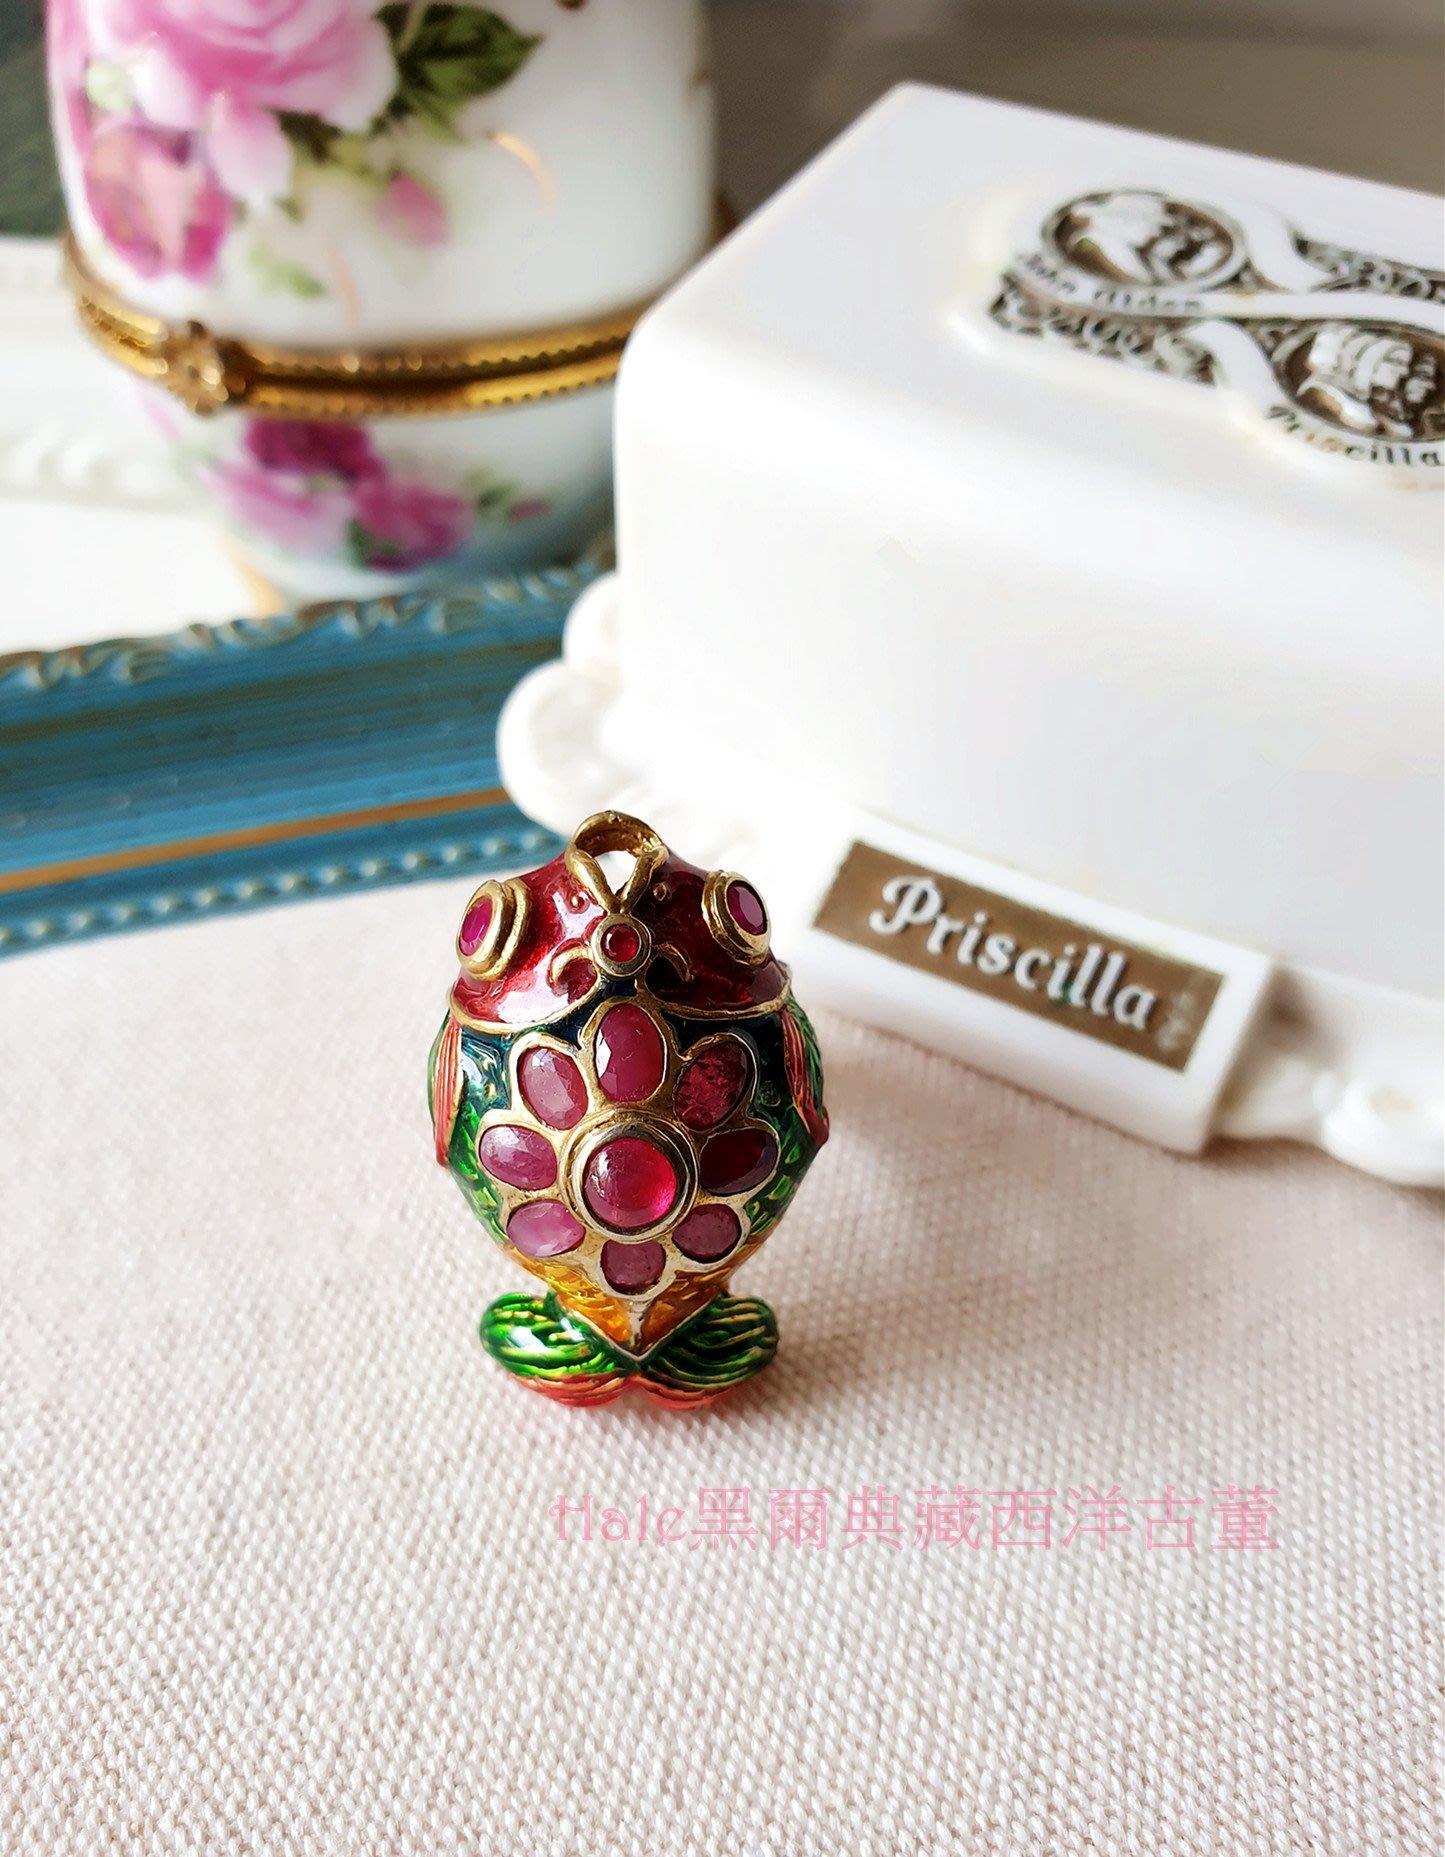 黑爾典藏西洋古董~純925銀鑲嵌紅寶石景泰藍鎏金立體可愛金魚錦鯉銀戒~絕版美品珍藏珠寶